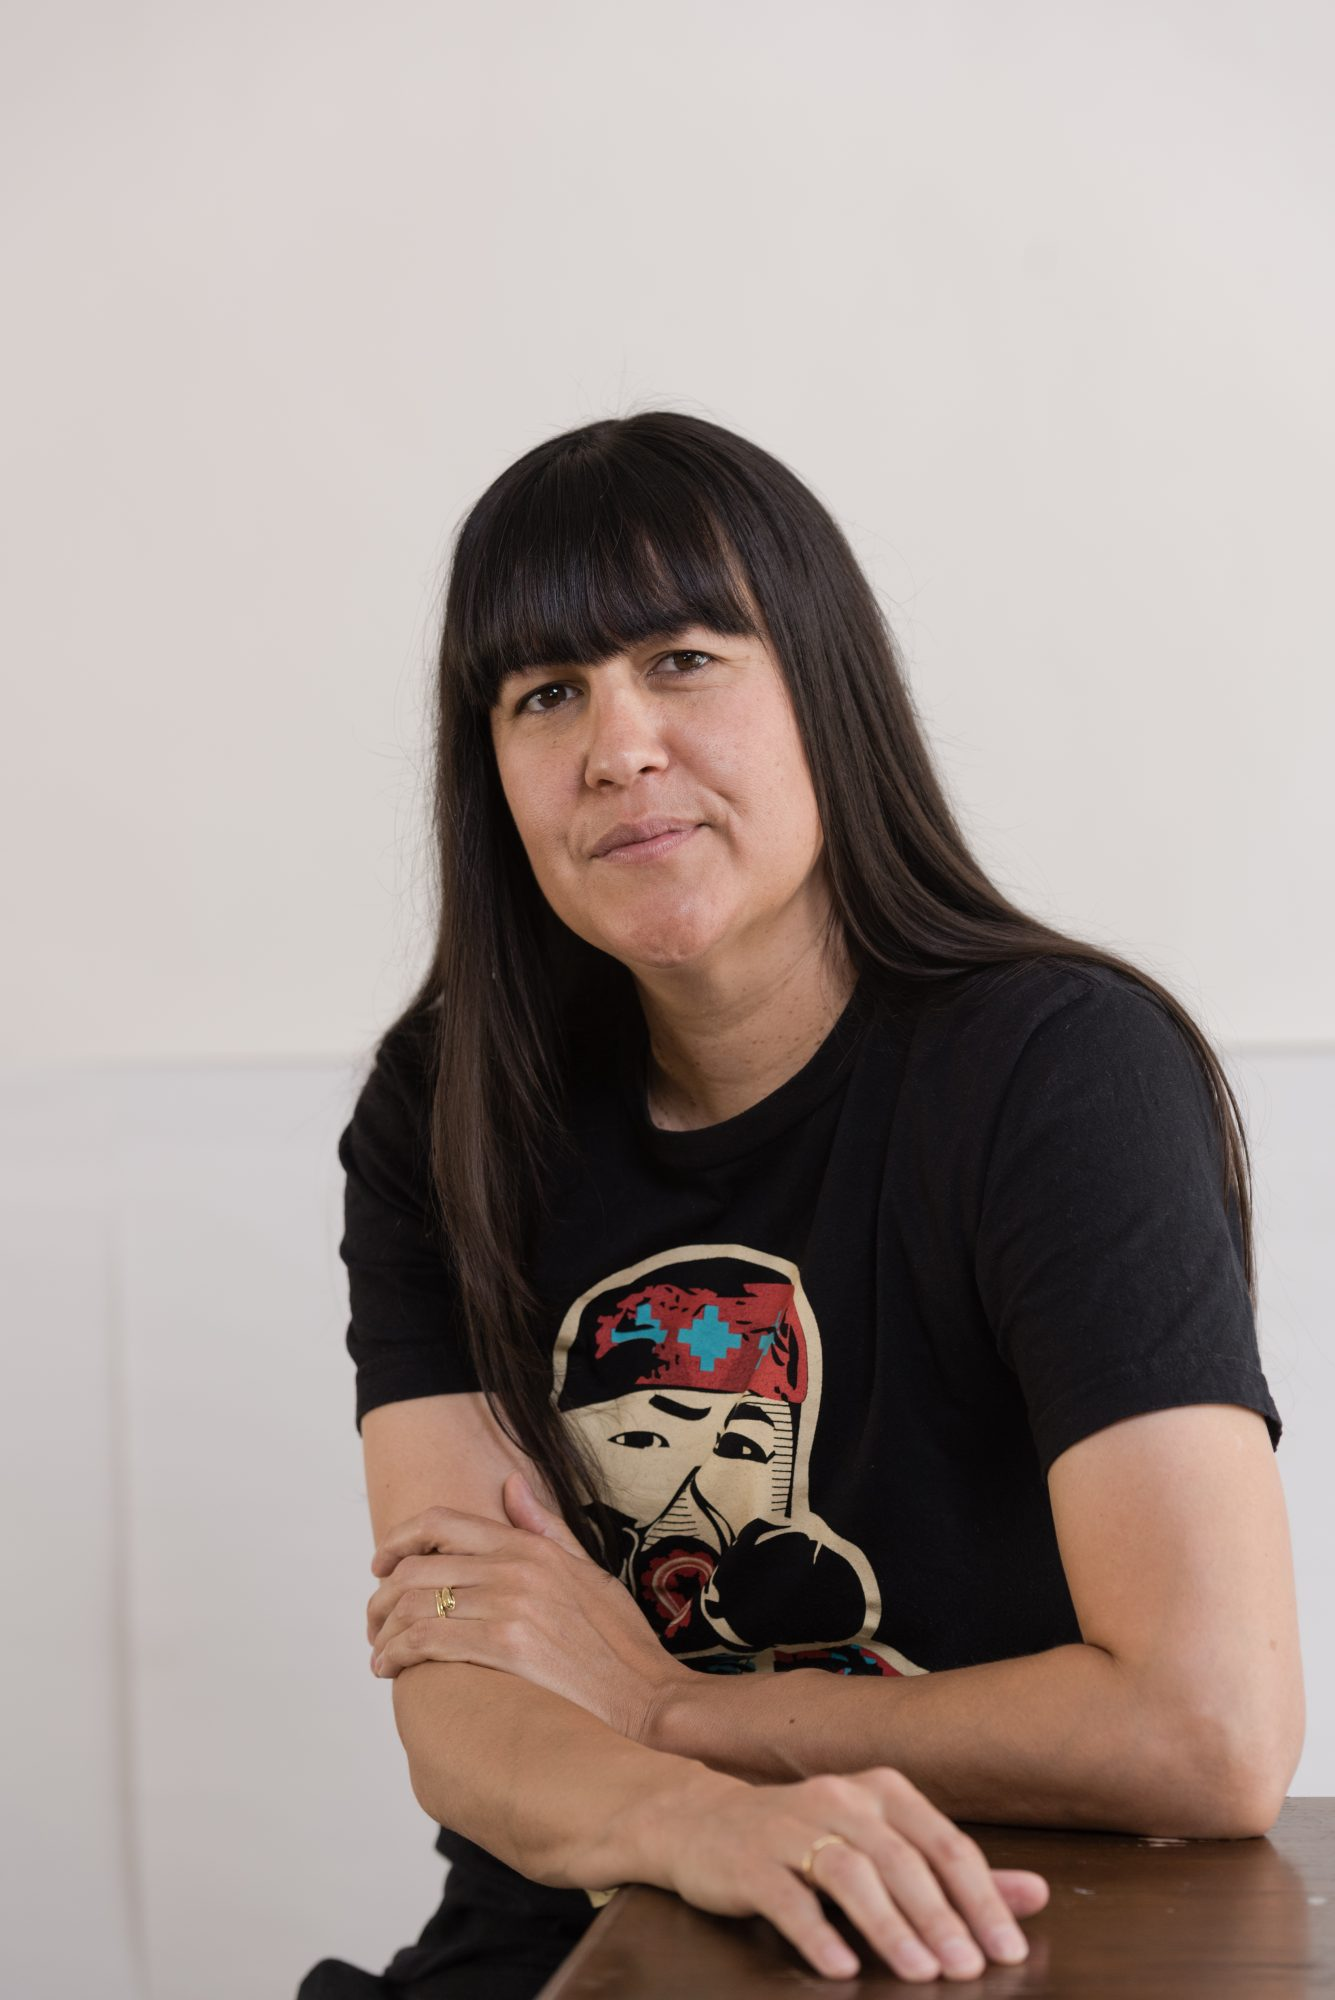 Natalie Diaz